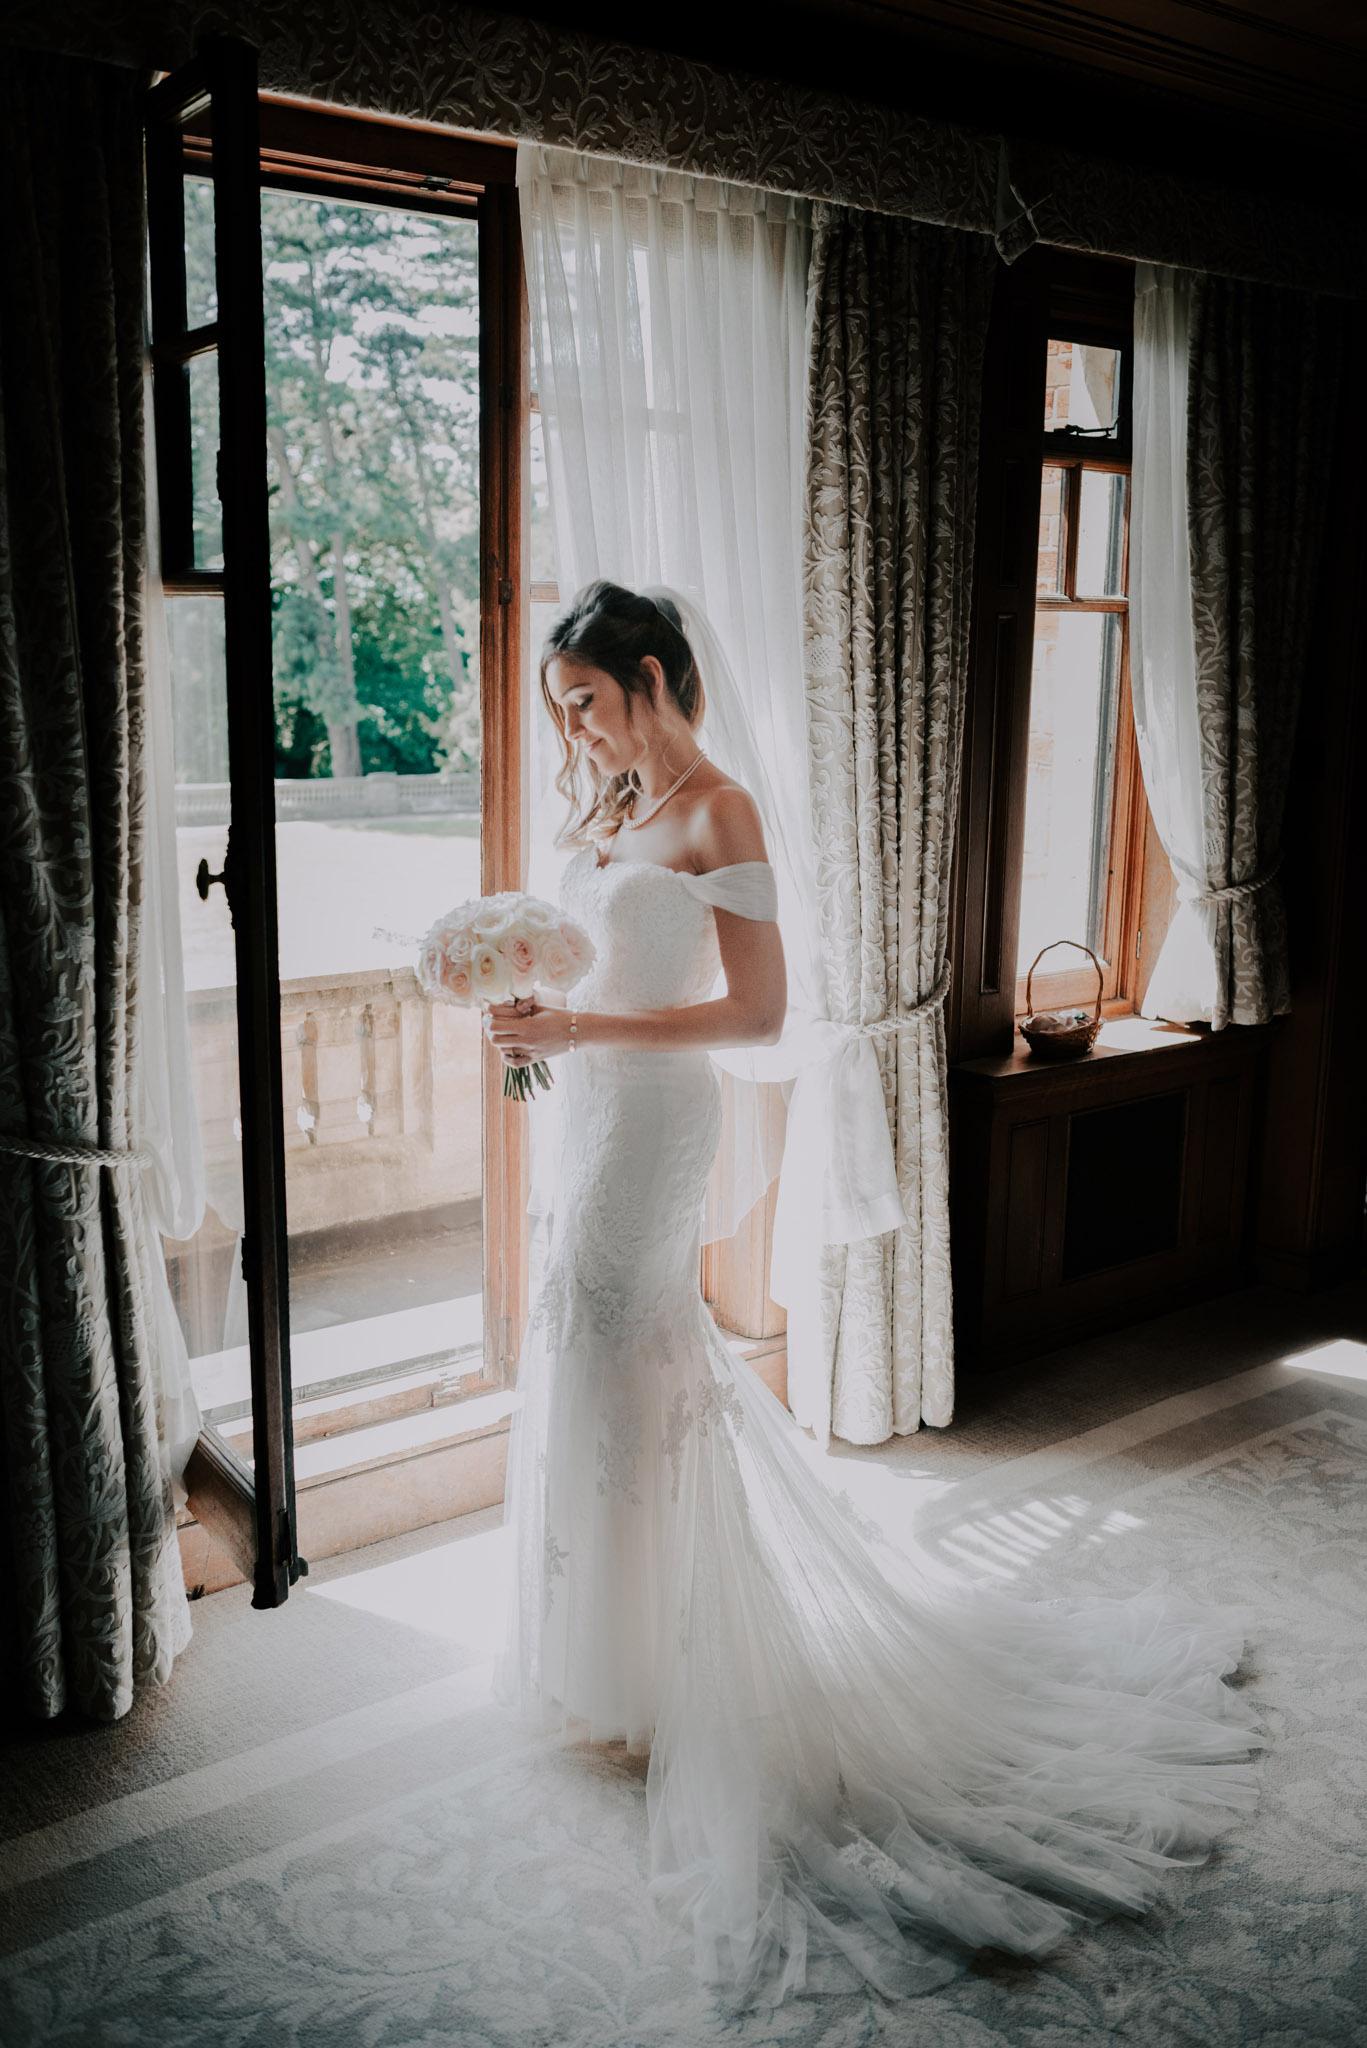 scott-stockwell-wedding-photographer-wood-norton-evesham109.jpg